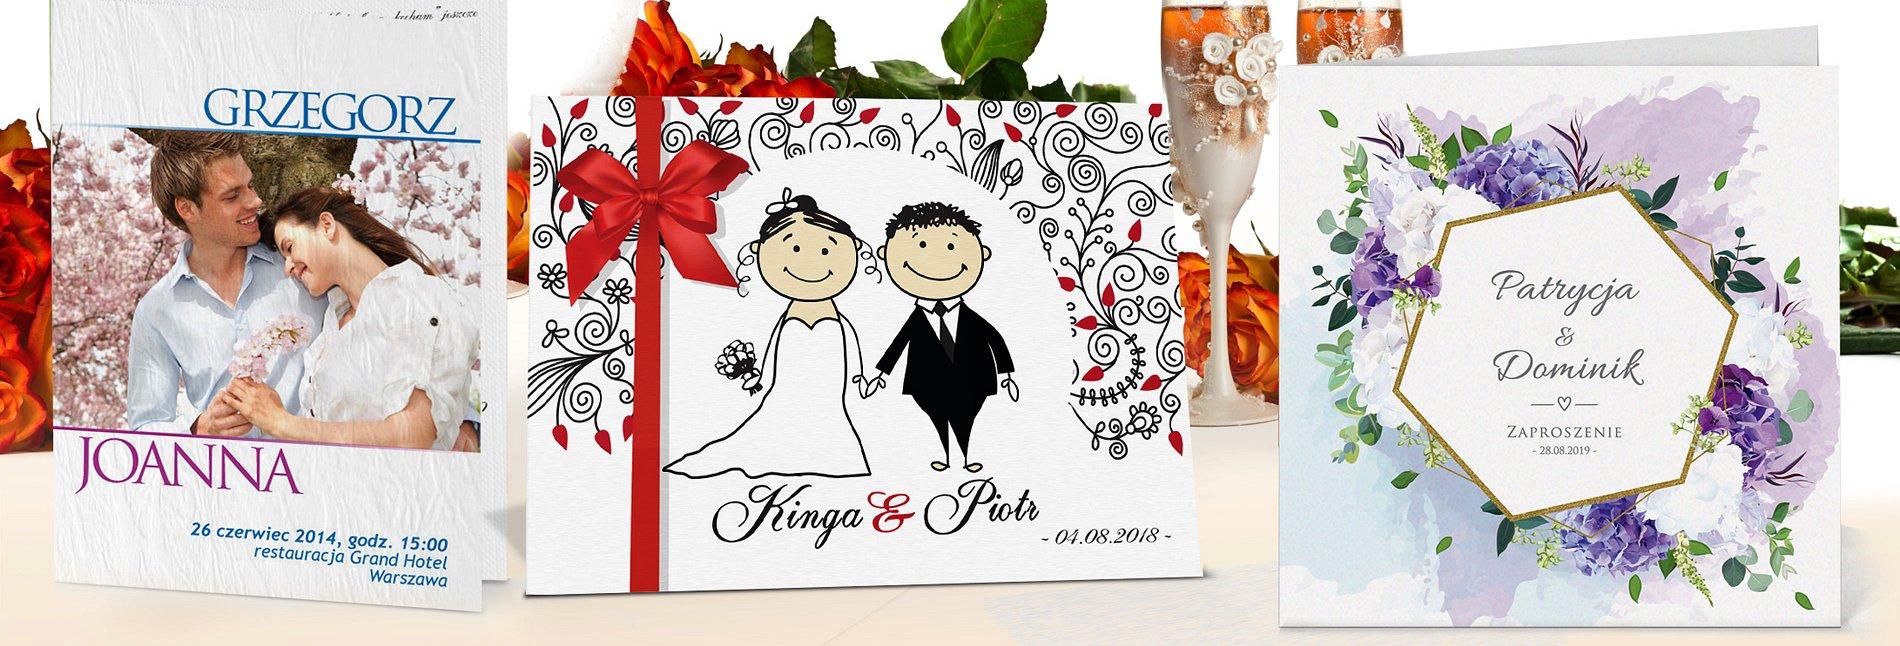 Zaproszenia ślubne z personalizacją